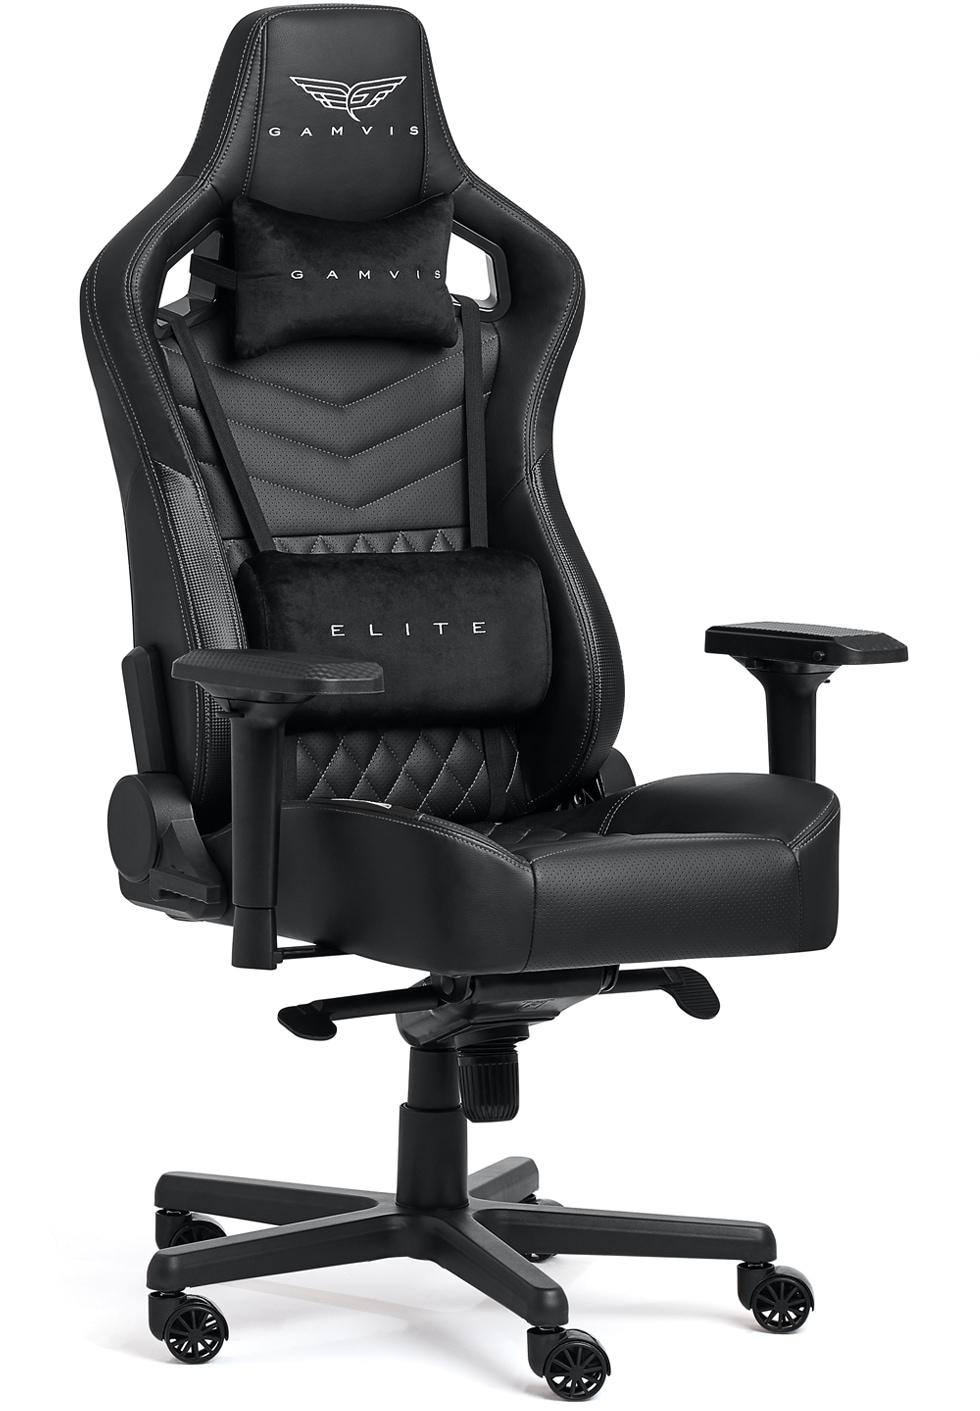 Pikowany Fotel gamingowy Gamvis Elite 2.0 XL Czarno-Biały Diamond White